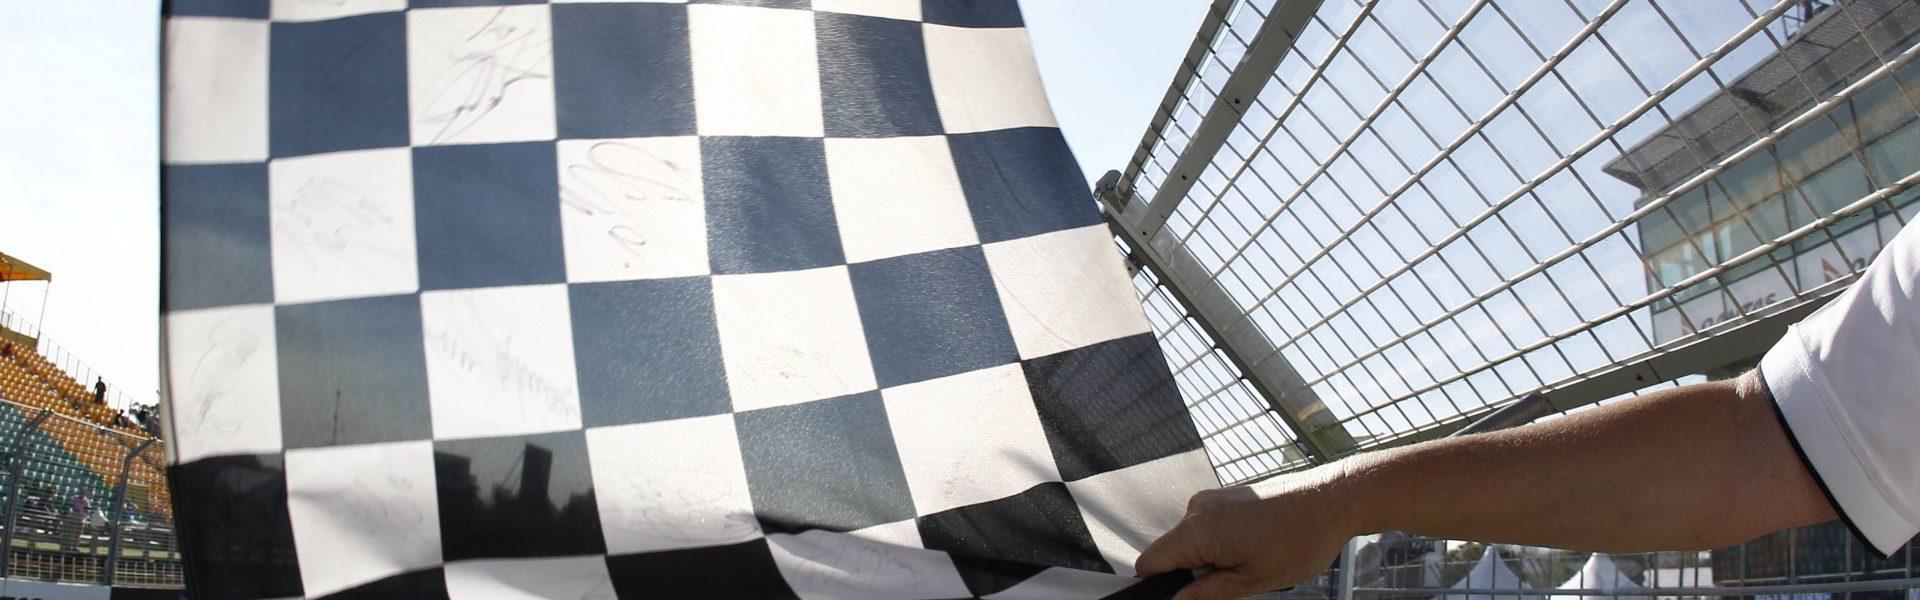 Checkered flagg